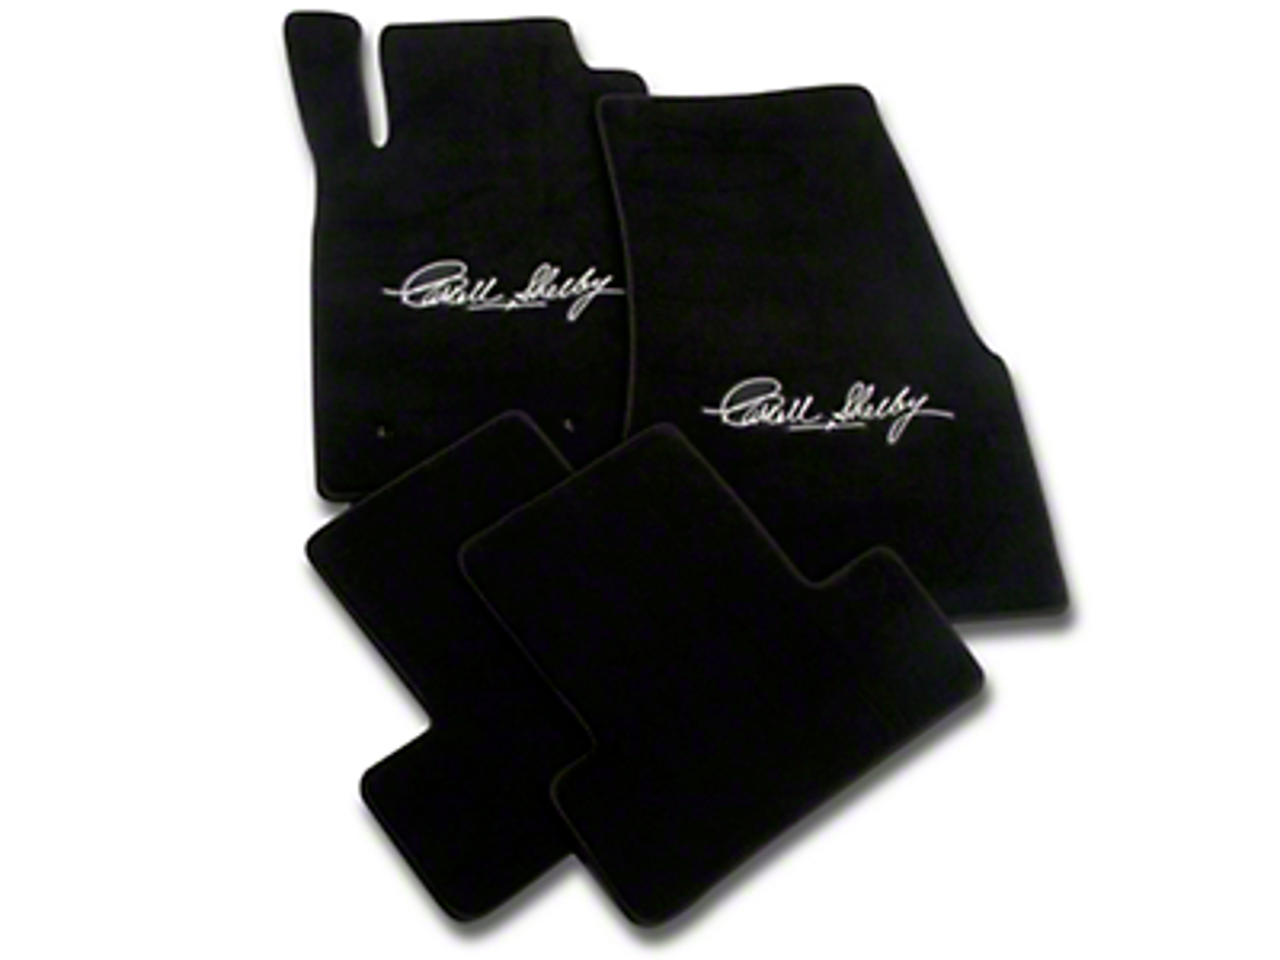 Lloyd Black Floor Mats - Carroll Shelby Signature (05-10 All)